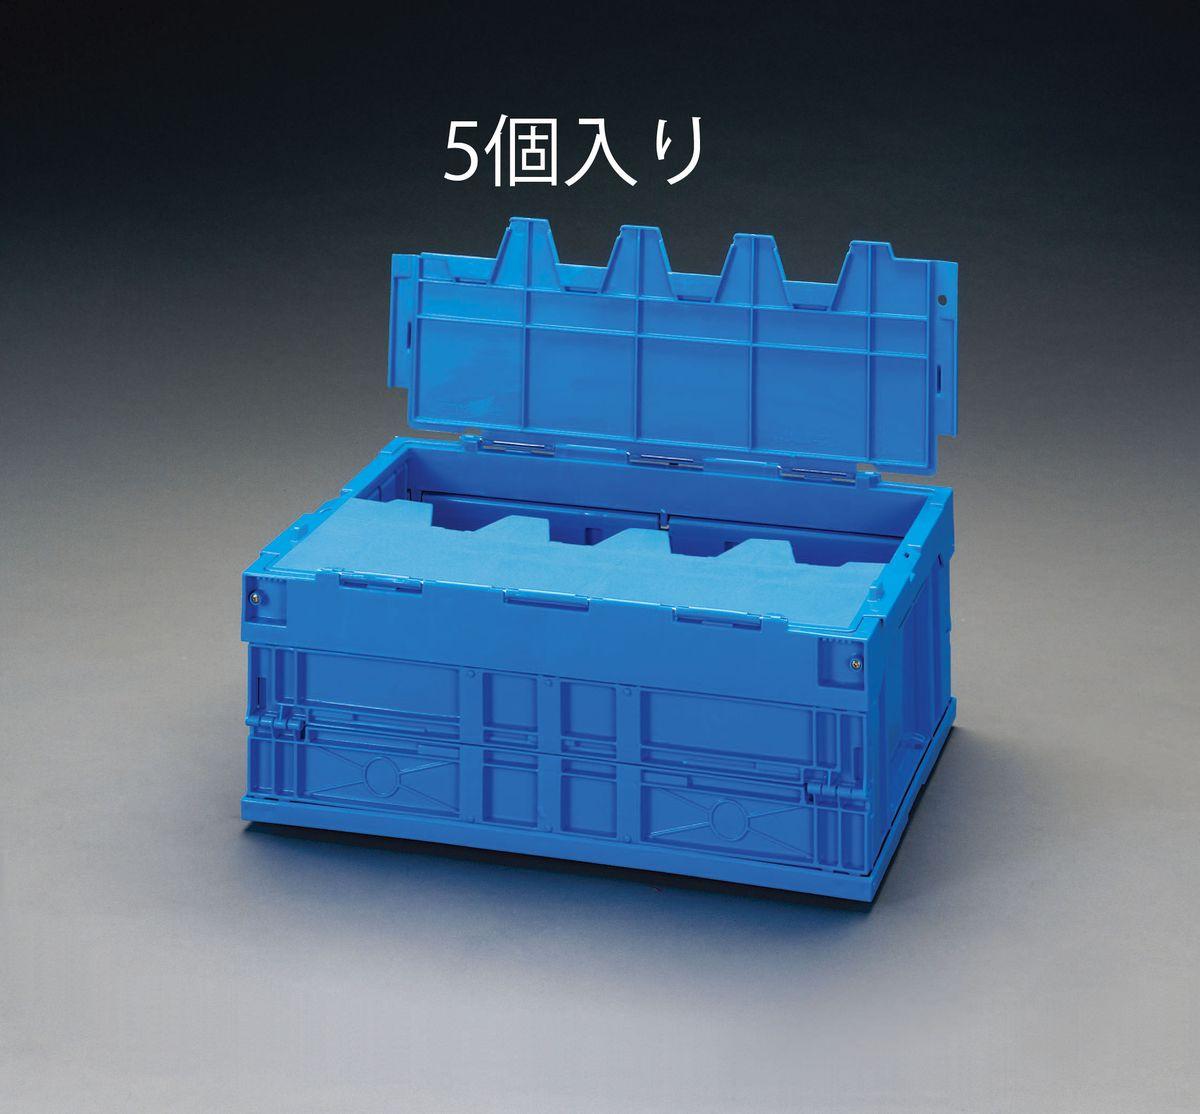 【メーカー在庫あり】 エスコ ESCO 530x366x397mm/61.7L 折畳コンテナ(青 蓋付/5個 000012208496 HD